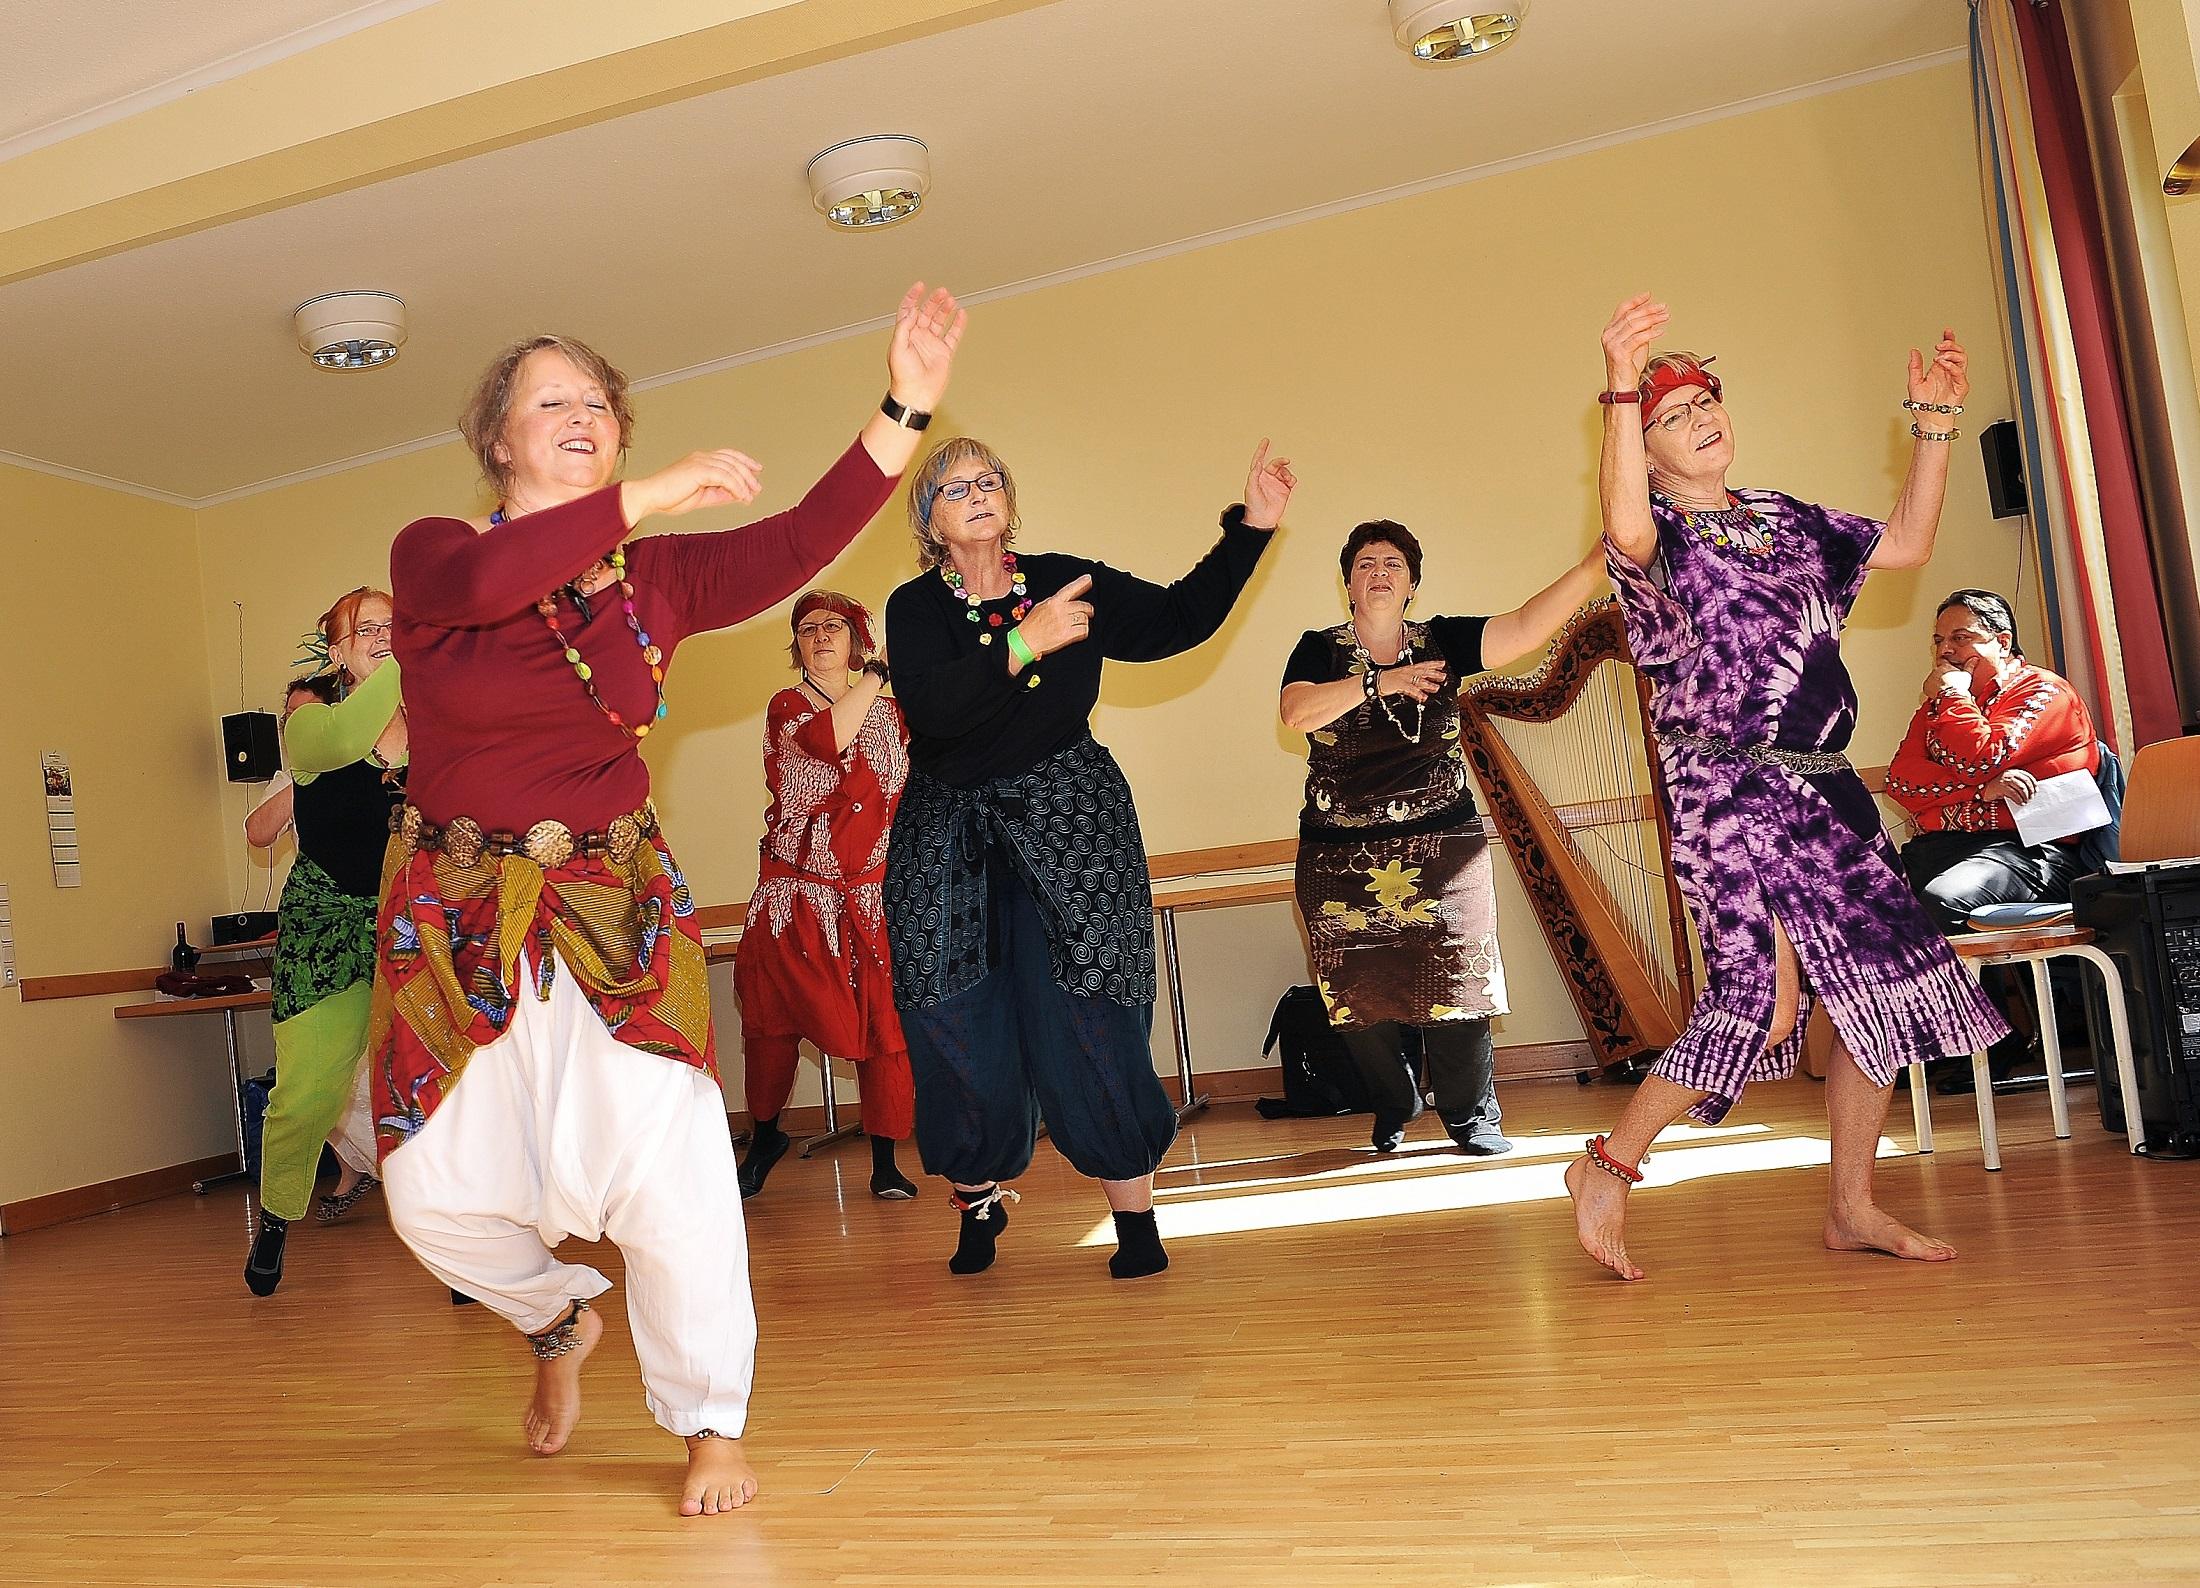 Tanzen in einem der Nachbarschaftstreffs der altoba.